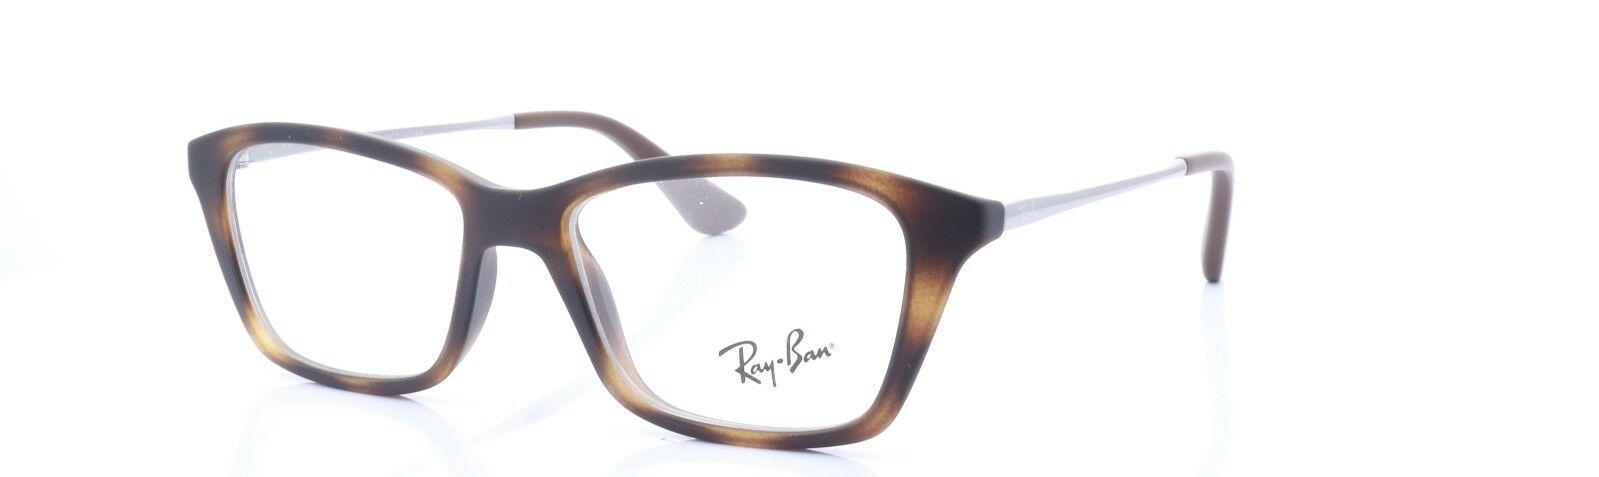 Ramă RAY BAN RB 1540 3616